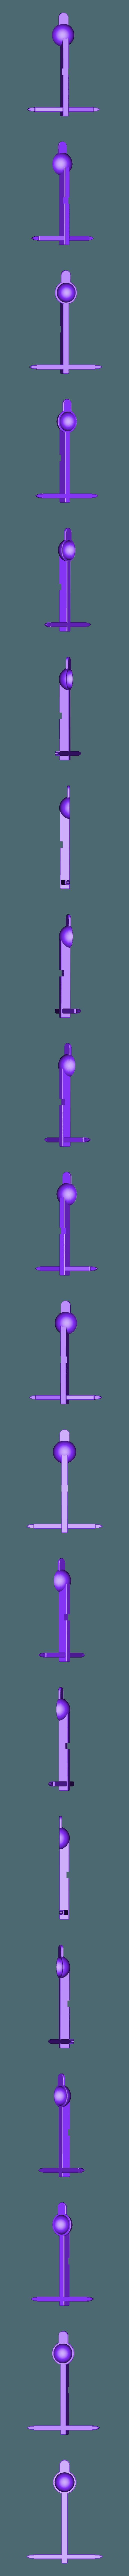 arm-165.stl Télécharger fichier STL gratuit Couloir Seej • Design pour impression 3D, bLiTzJoN